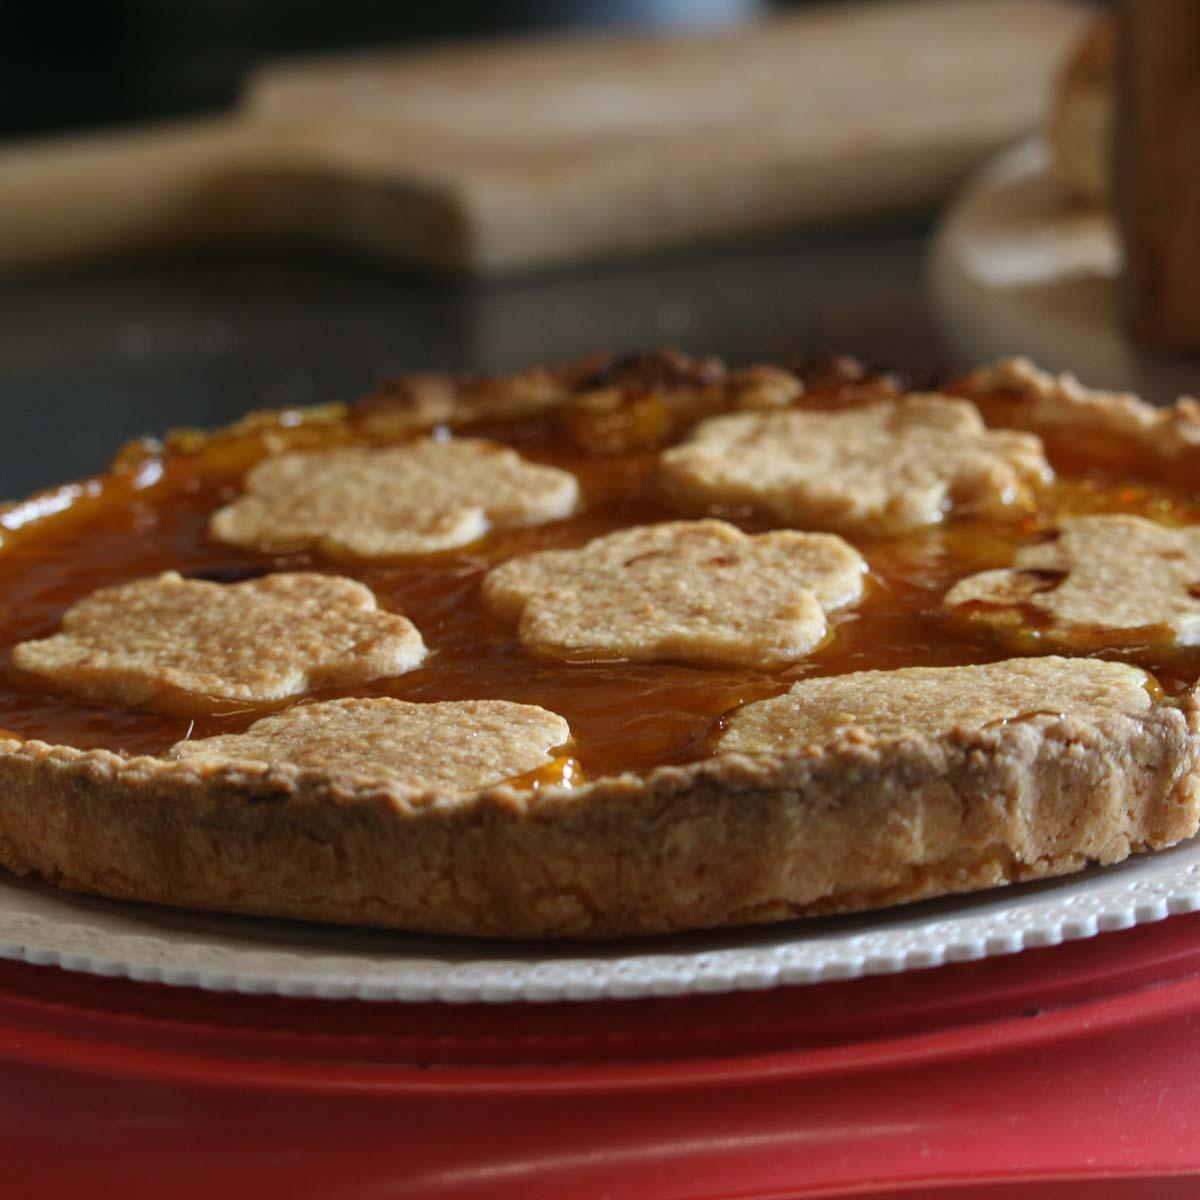 Homemade apricot jam tart